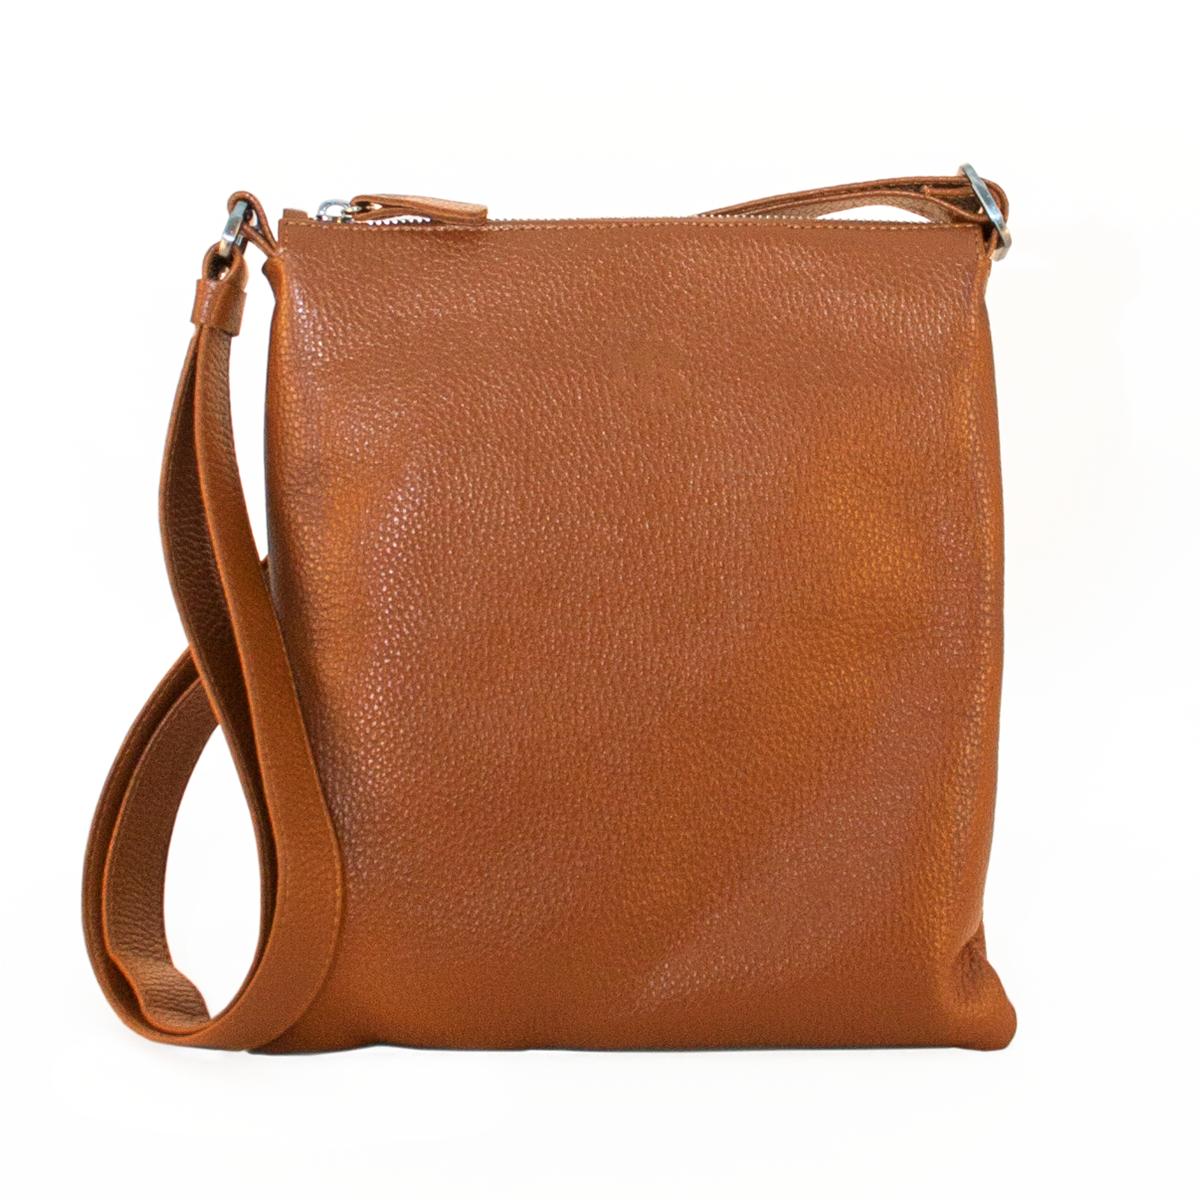 Small Handbag Cognac